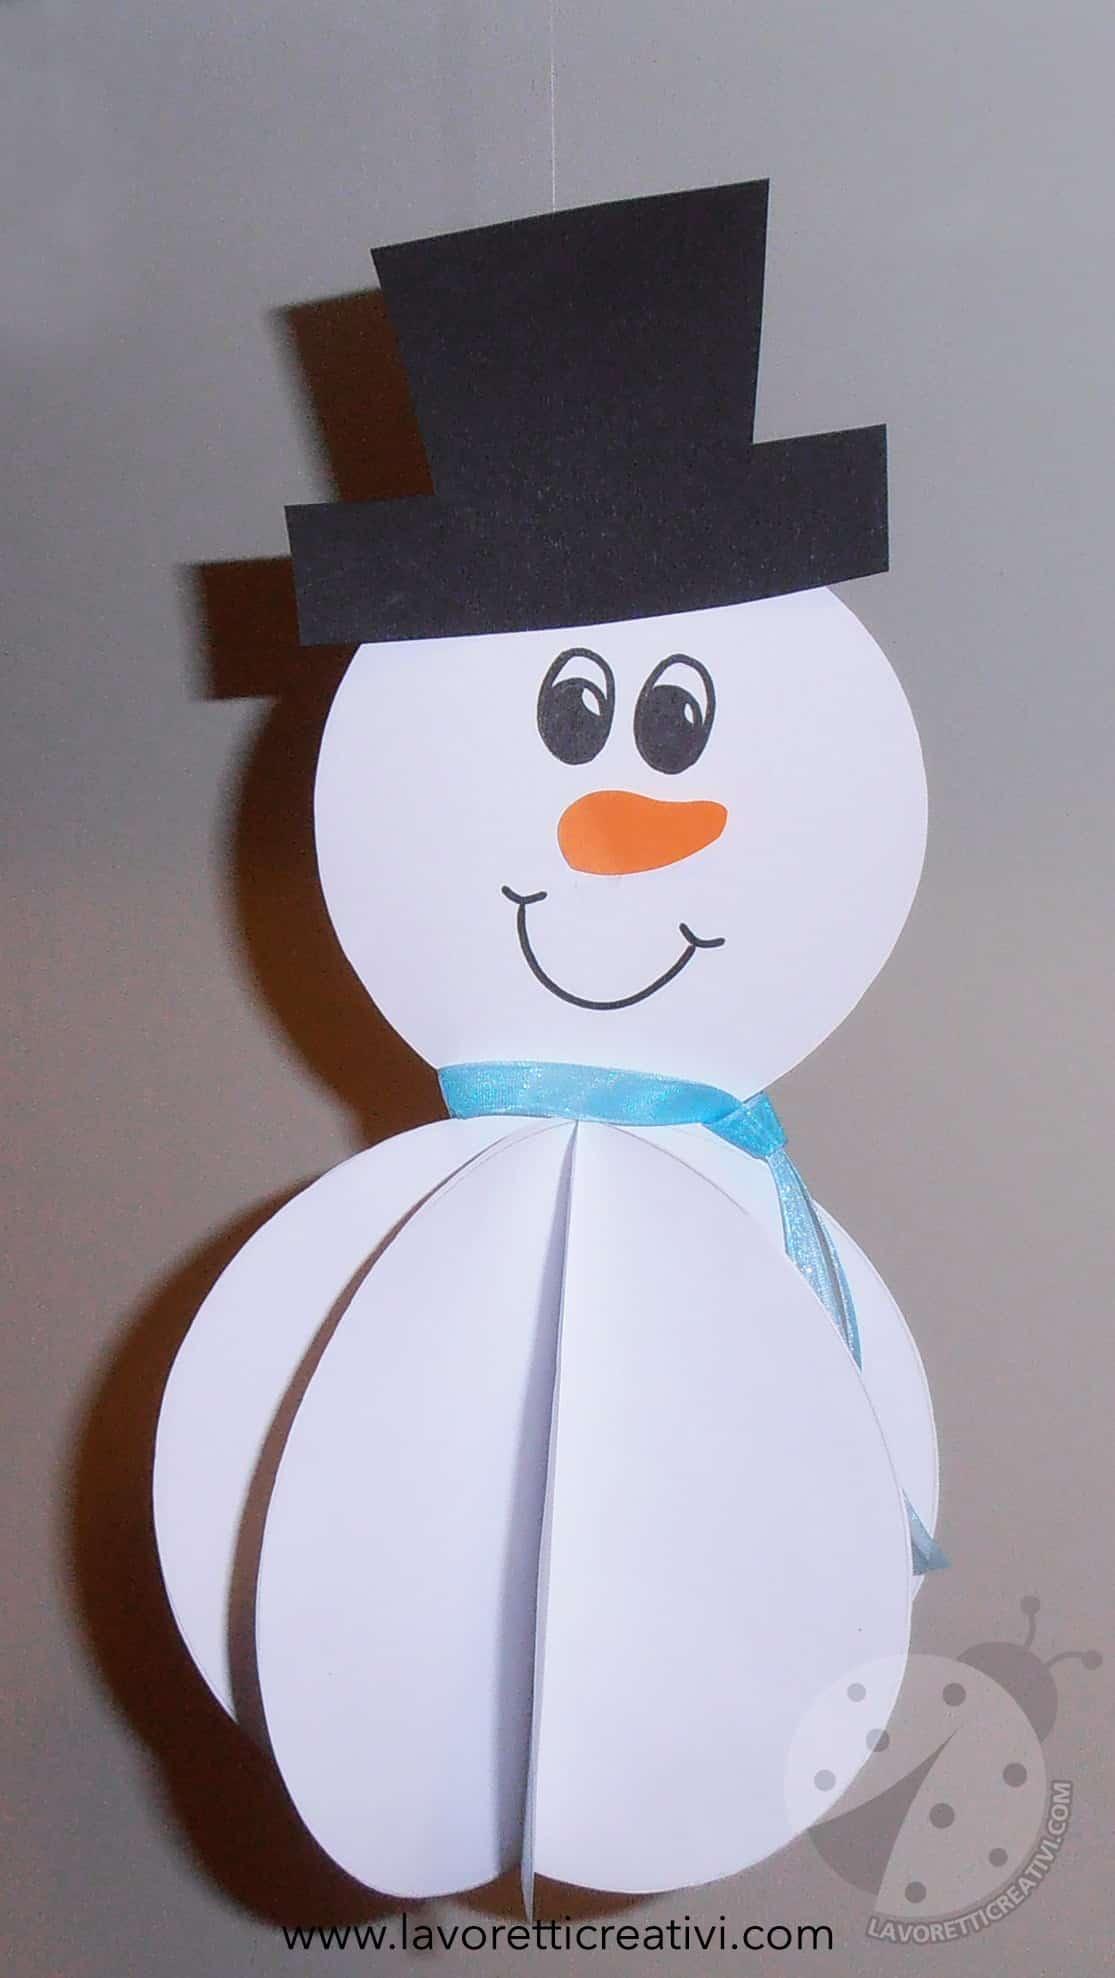 Addobbi inverno pupazzo di neve 3d lavoretti creativi for Addobbi di natale per bambini scuola infanzia